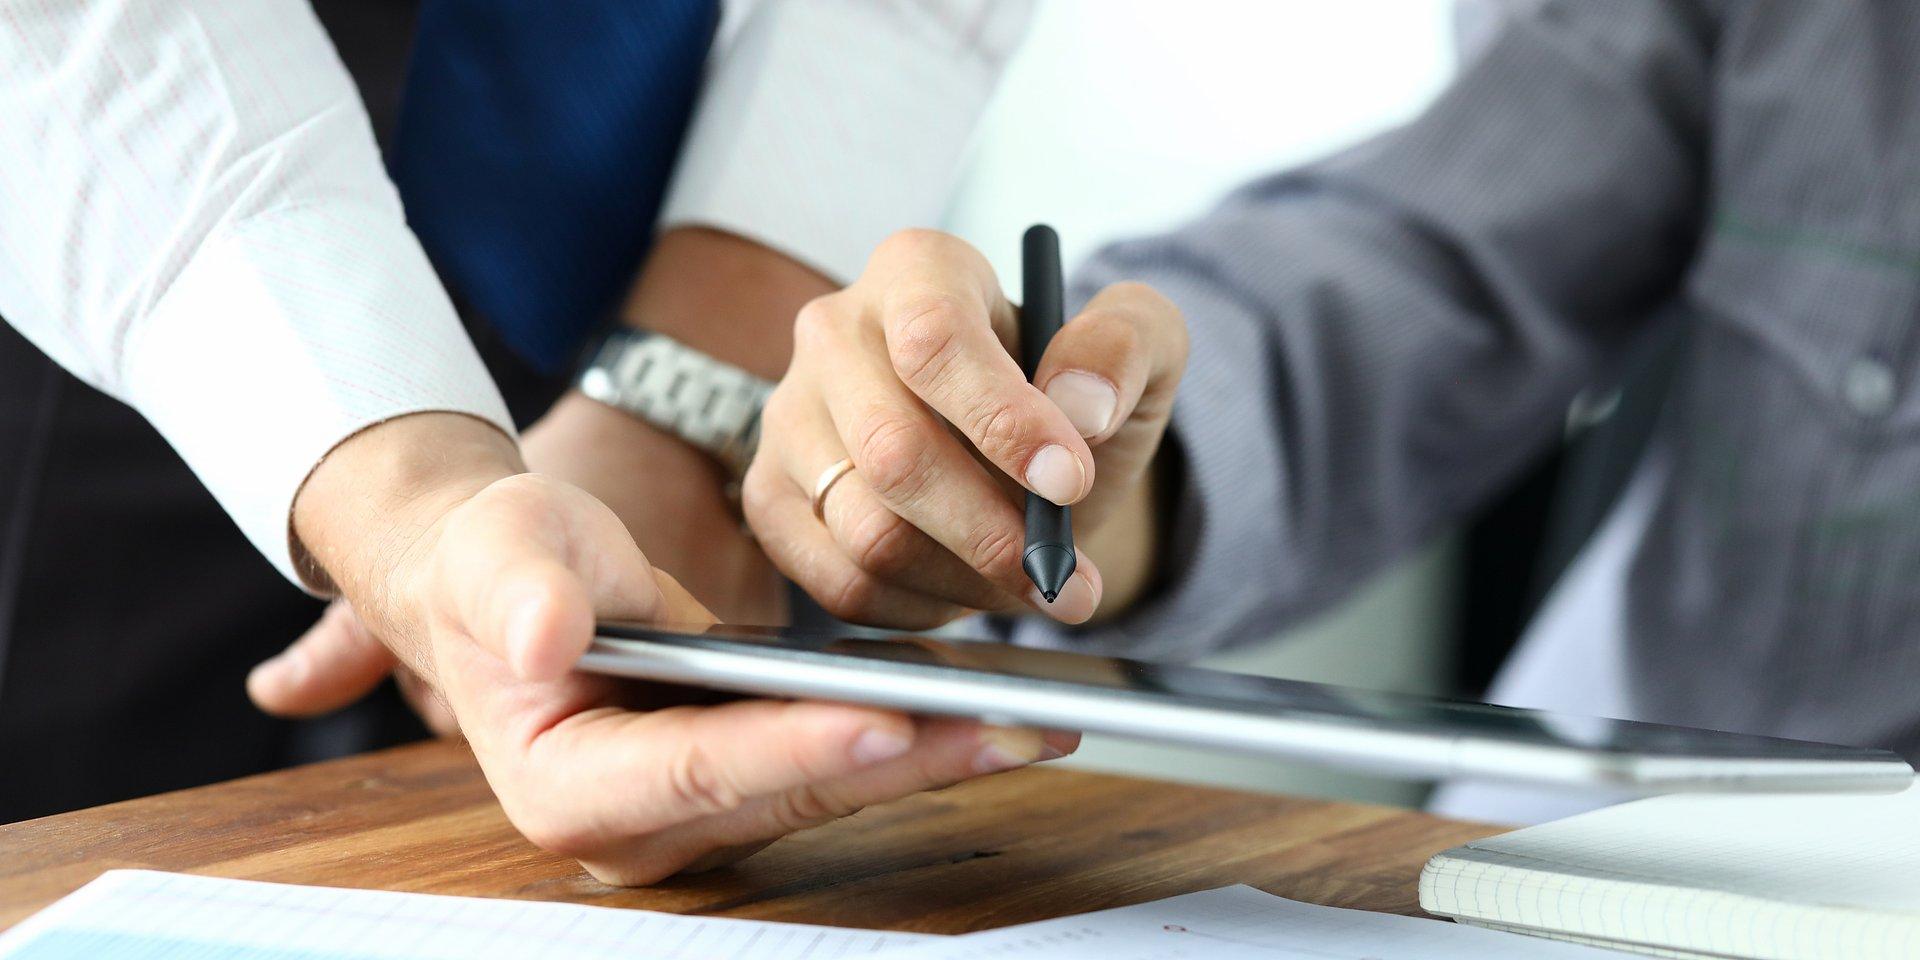 Firmy i przedsiębiorstwa wykorzystają mSzafir do podpisu dokumentów kredytowych